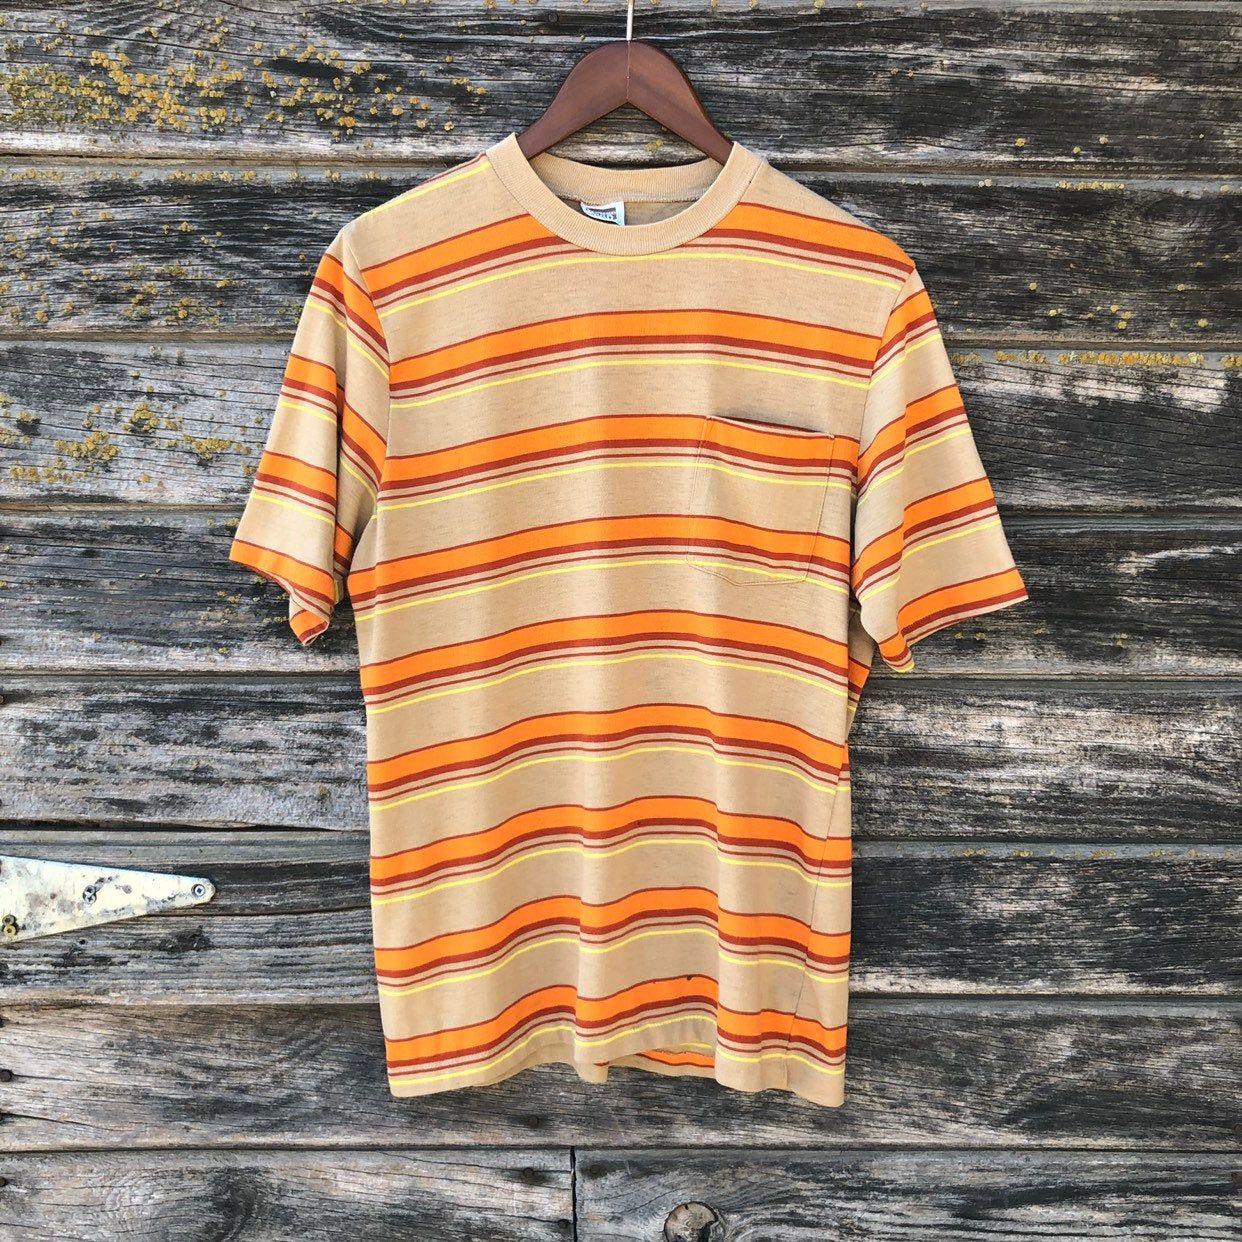 Vintage Striped T Shirt 70s Burnt Orange Mustard Yellow Brown Grunge Stripe Pocket Tee Ringer Soft Thin Distre Yellow Striped Shirt Stripe Tshirt Orange Outfit